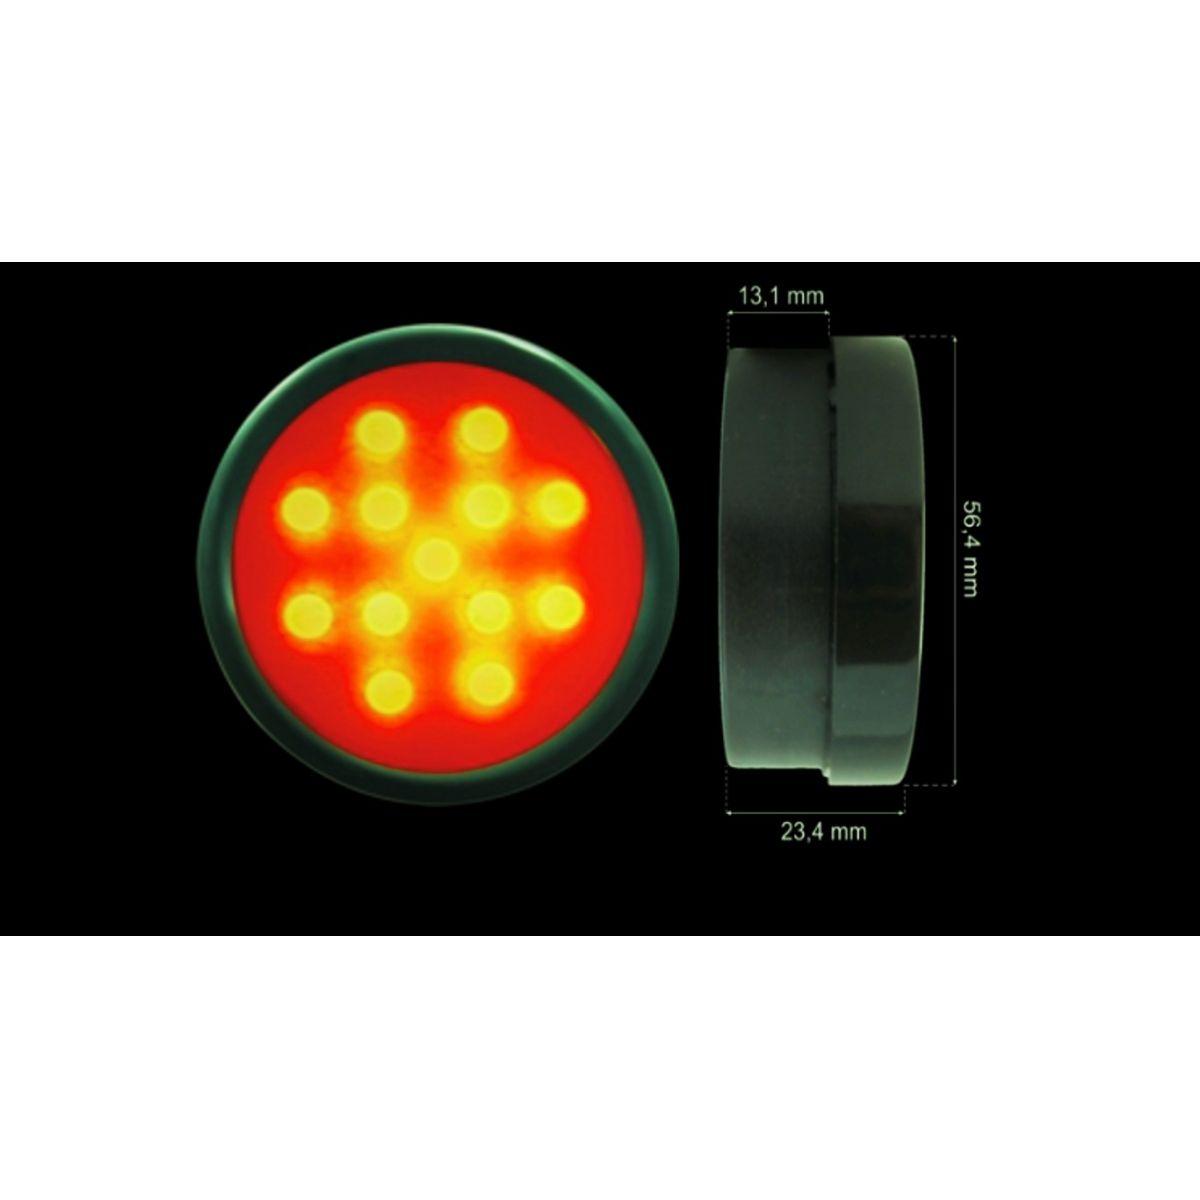 Canhão de Leds  Shifth Light  52mm Vermelho Racetronix